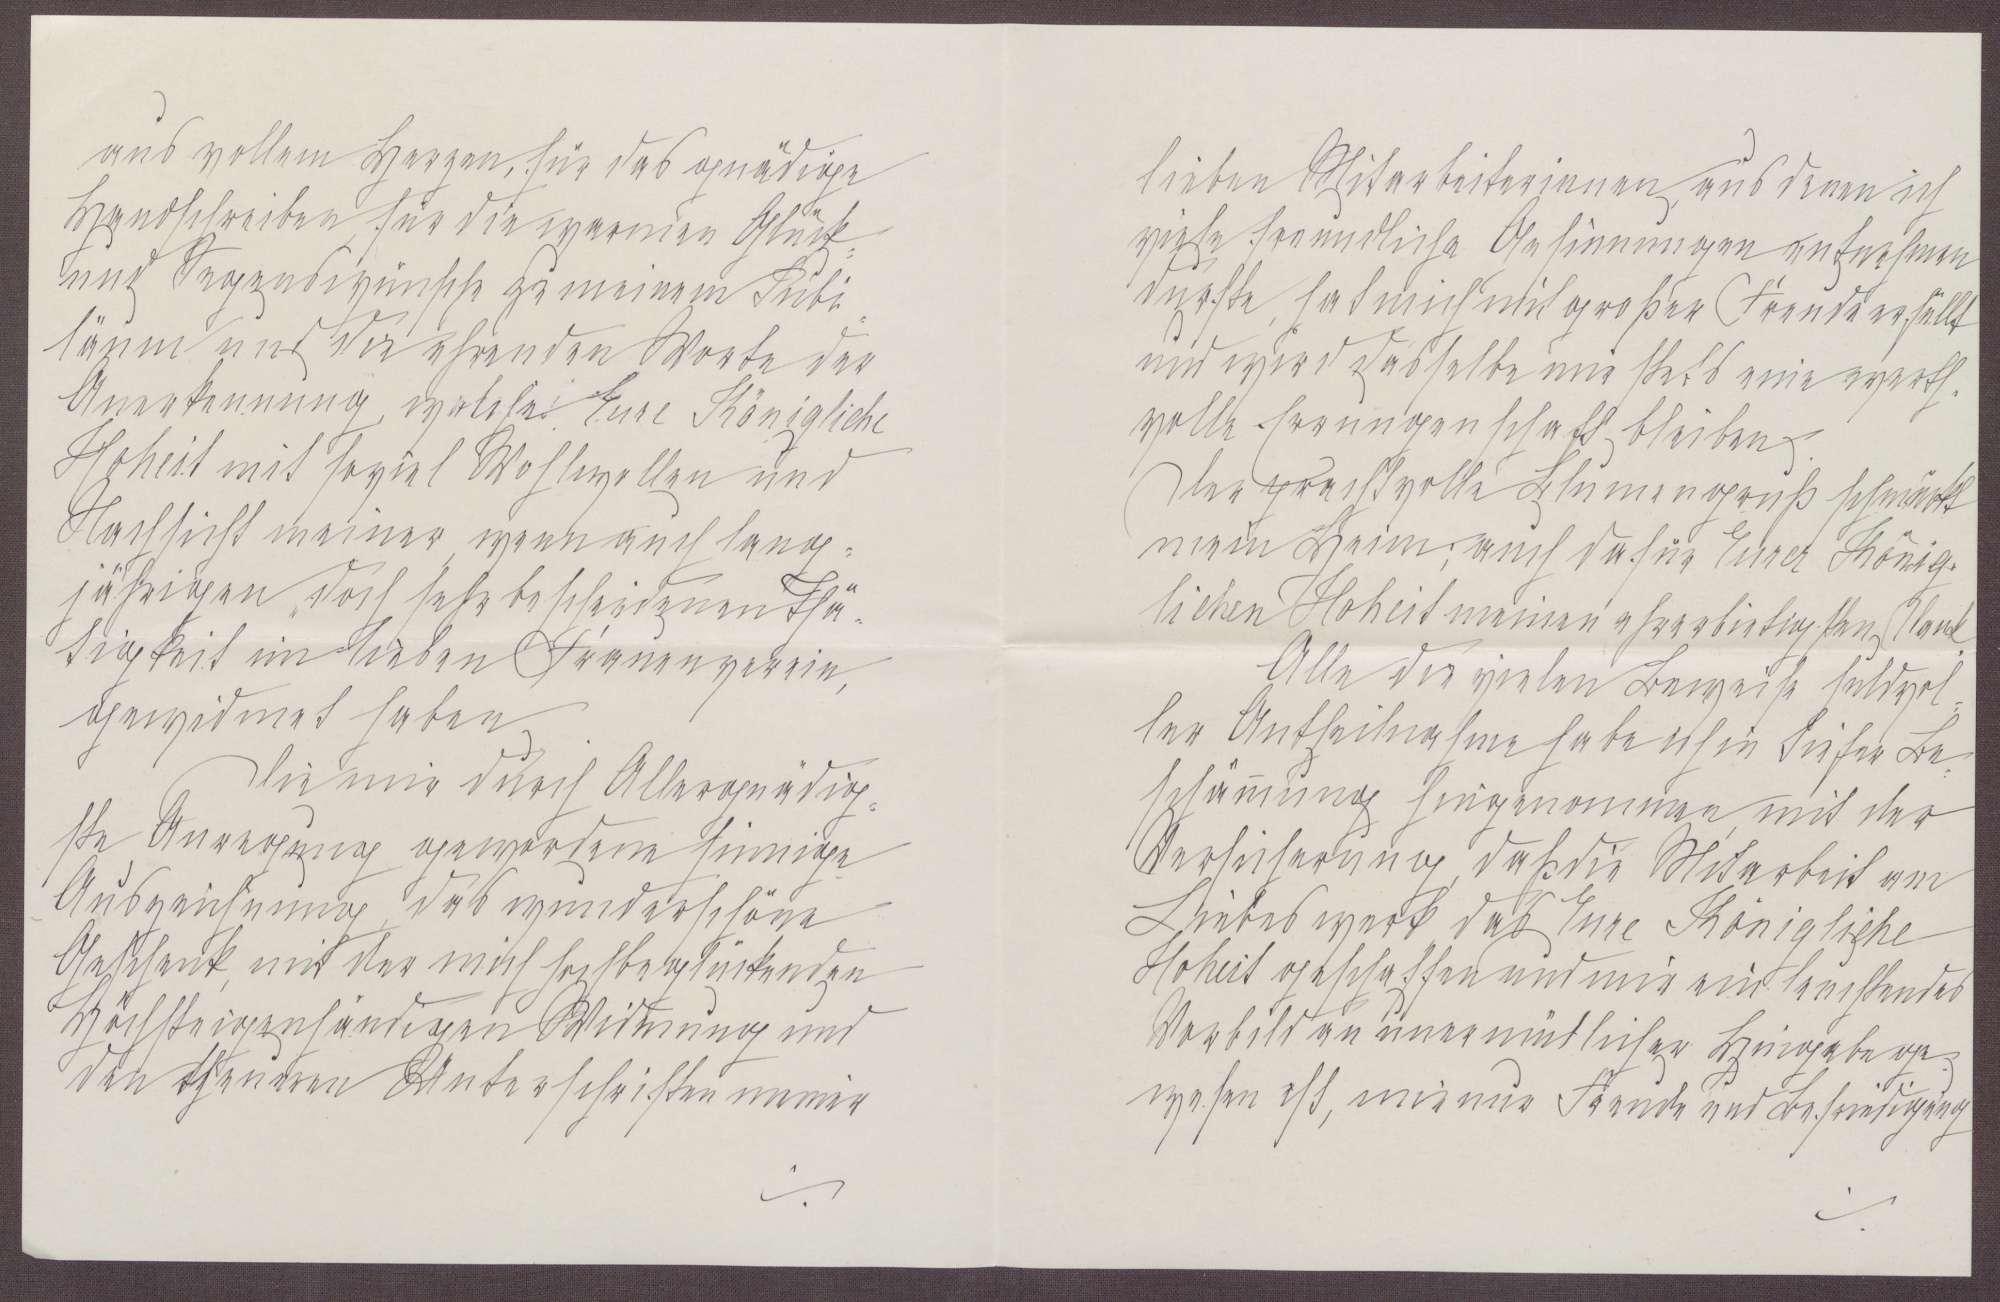 Schreiben von Anna Haas an die Großherzogin Luise; Dank für Jubiläumswünsche und den Blumengruß, Bild 2